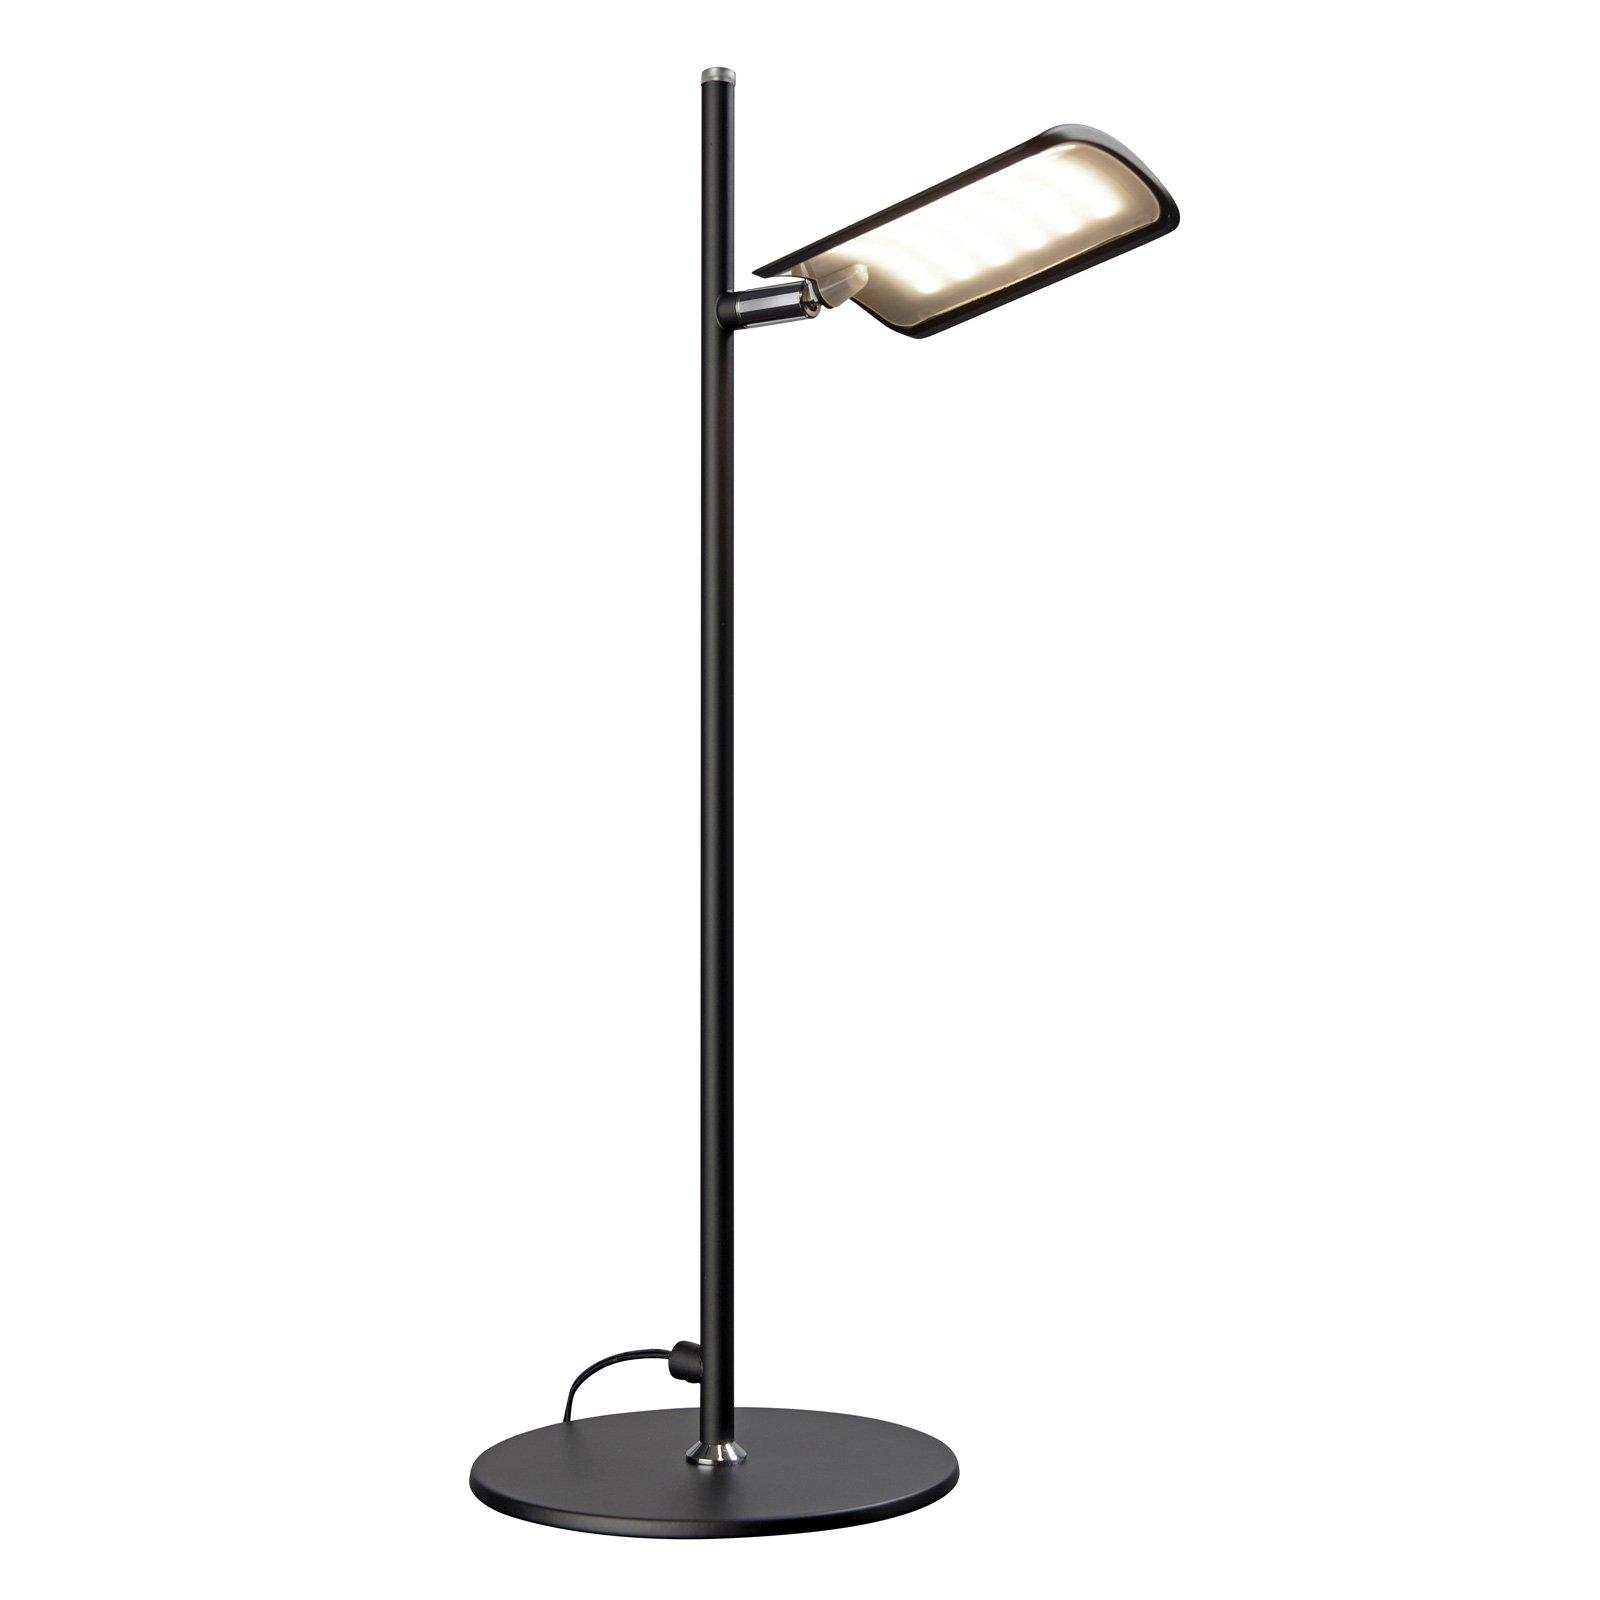 LED-bordlampe Robin med dimmer